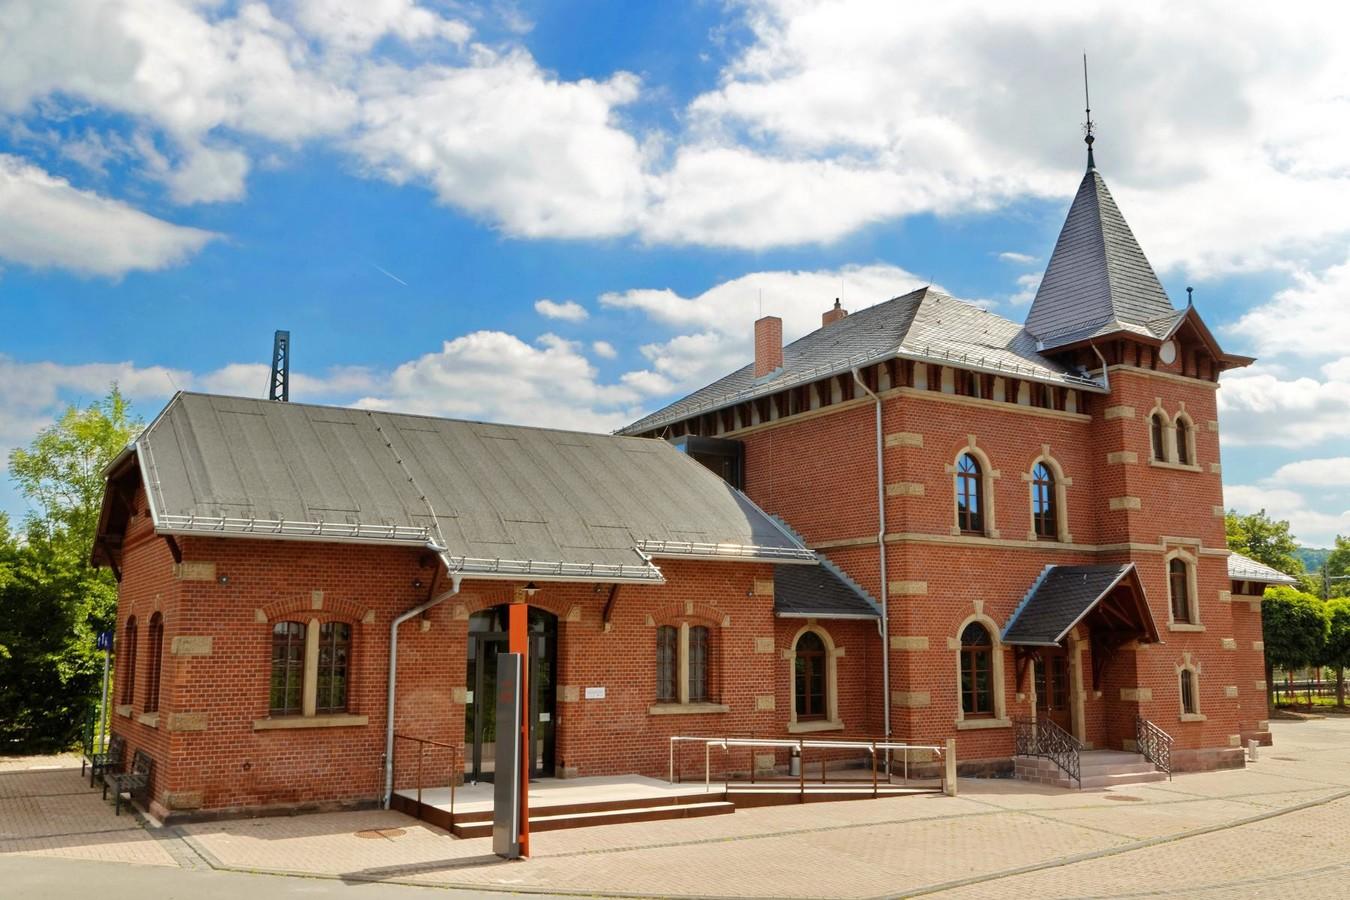 Das Museum Friedland ist im denkmalgeschützten Bahnhof von Friedland untergebracht.